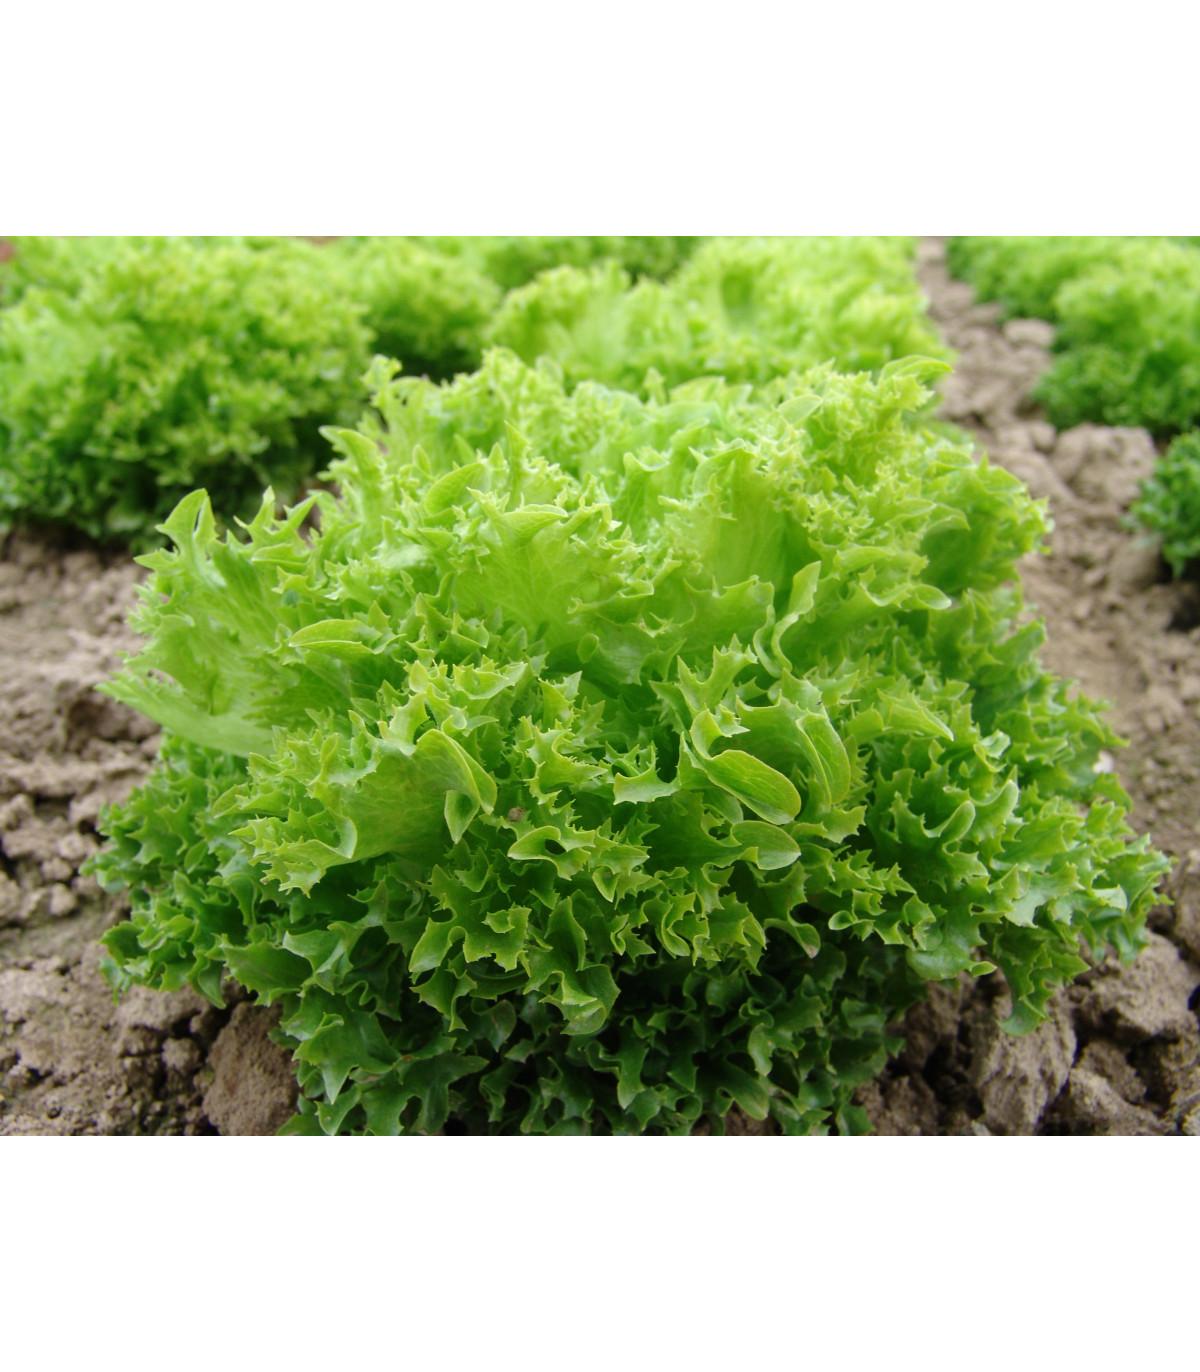 Šalát listový Rekord - Lactusa sativa - semená - 0,3 g